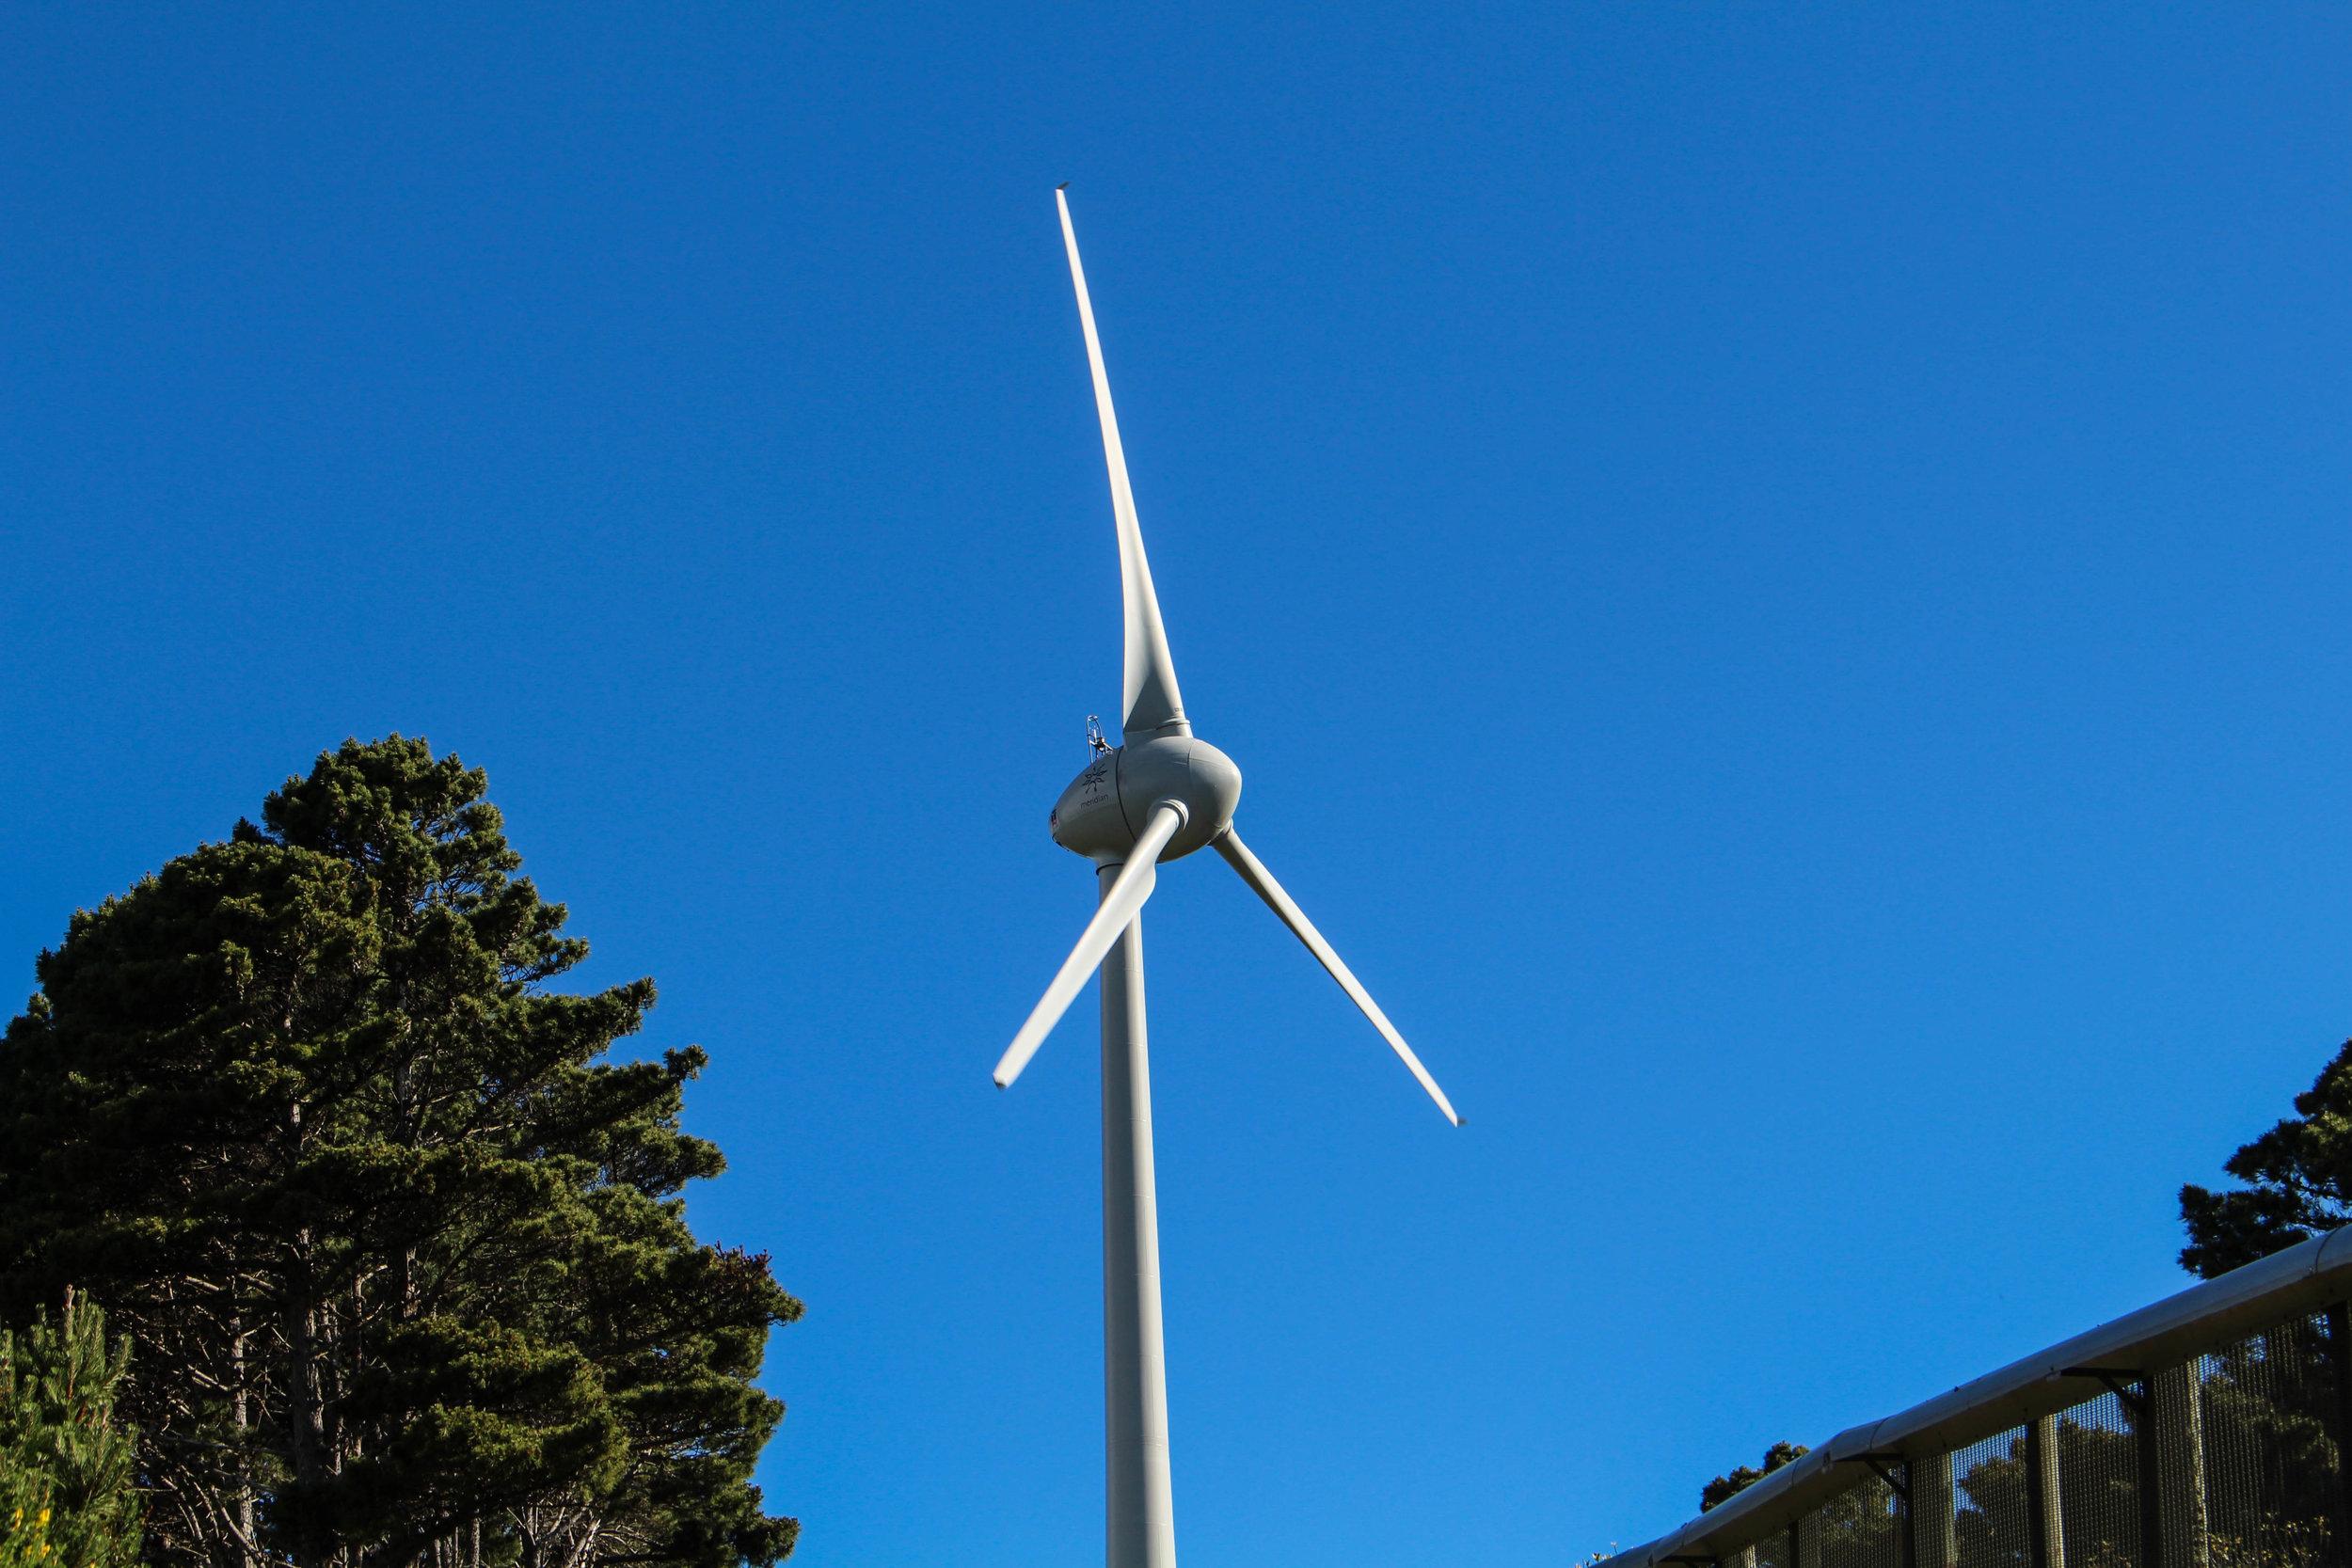 wind-turbine-1-of-1.jpg